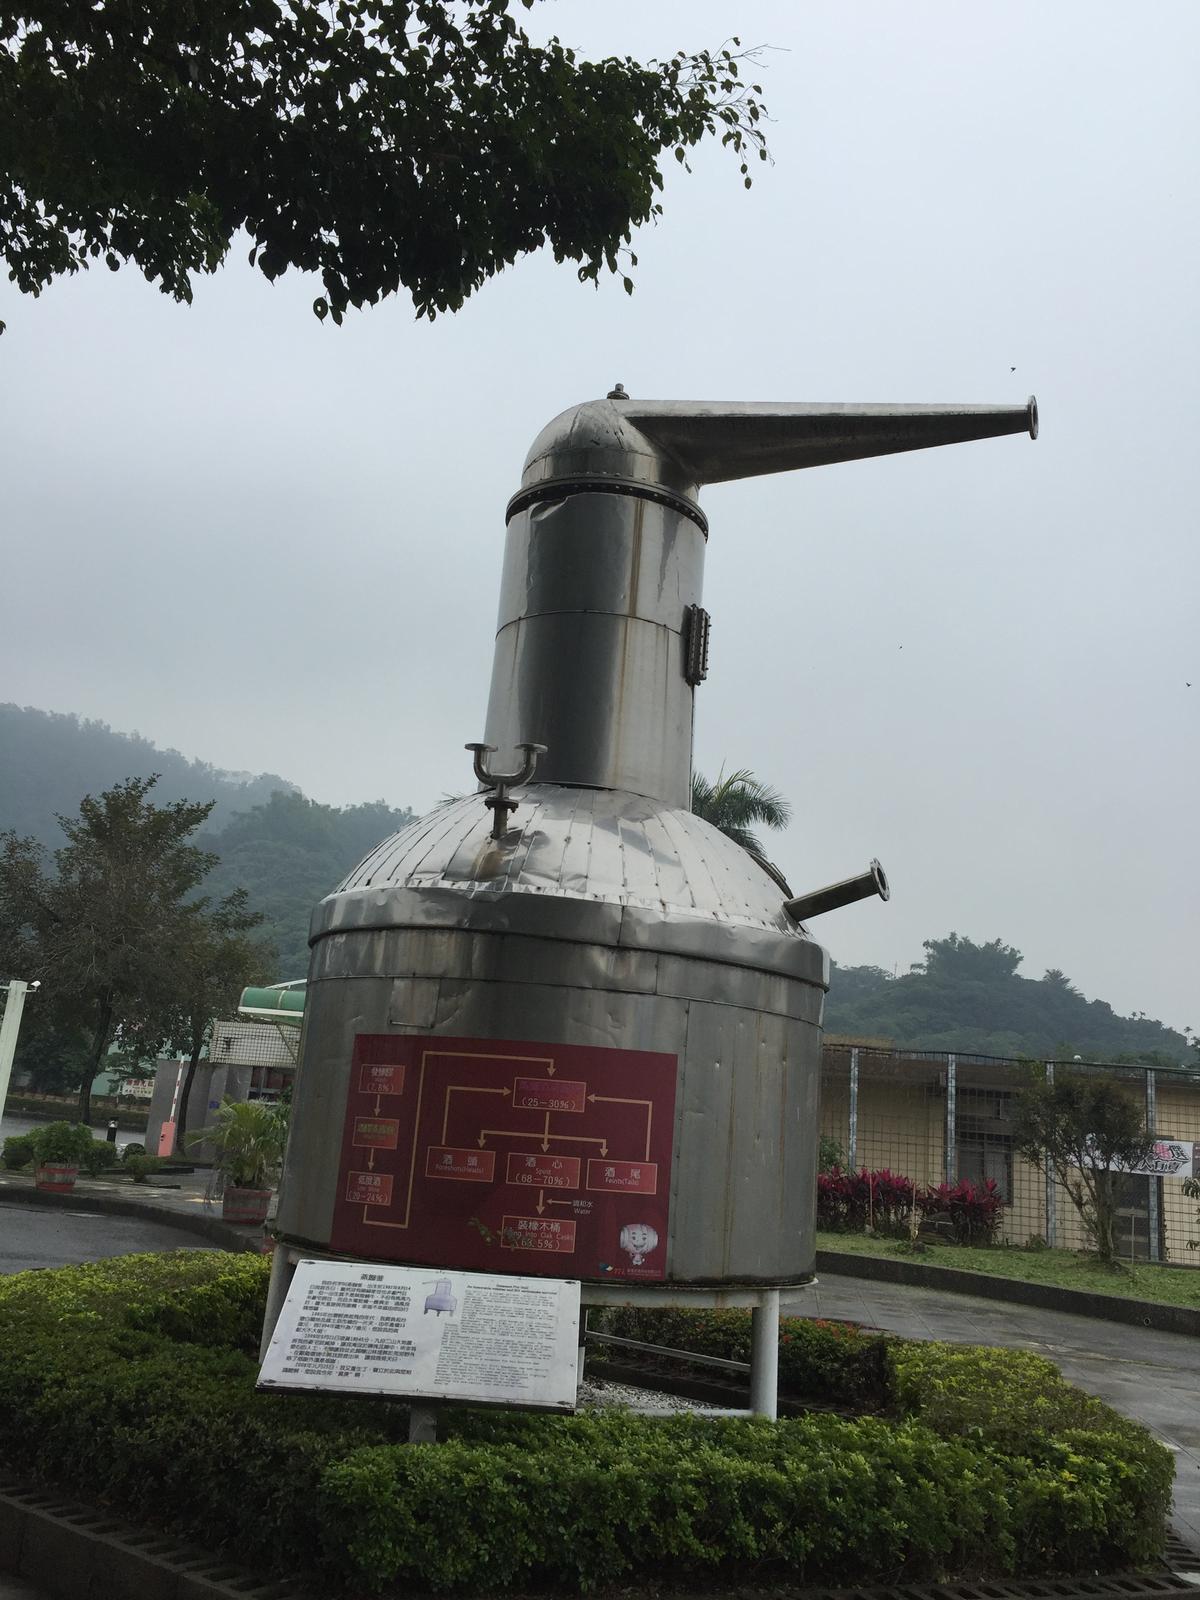 擺在園區1982年造的退役蒸餾釜,見證南投酒廠在台灣經濟起飛的1983年至1994年間,肩負蒸餾白蘭地與威士忌重責,產值從13億元暴升至77億元。